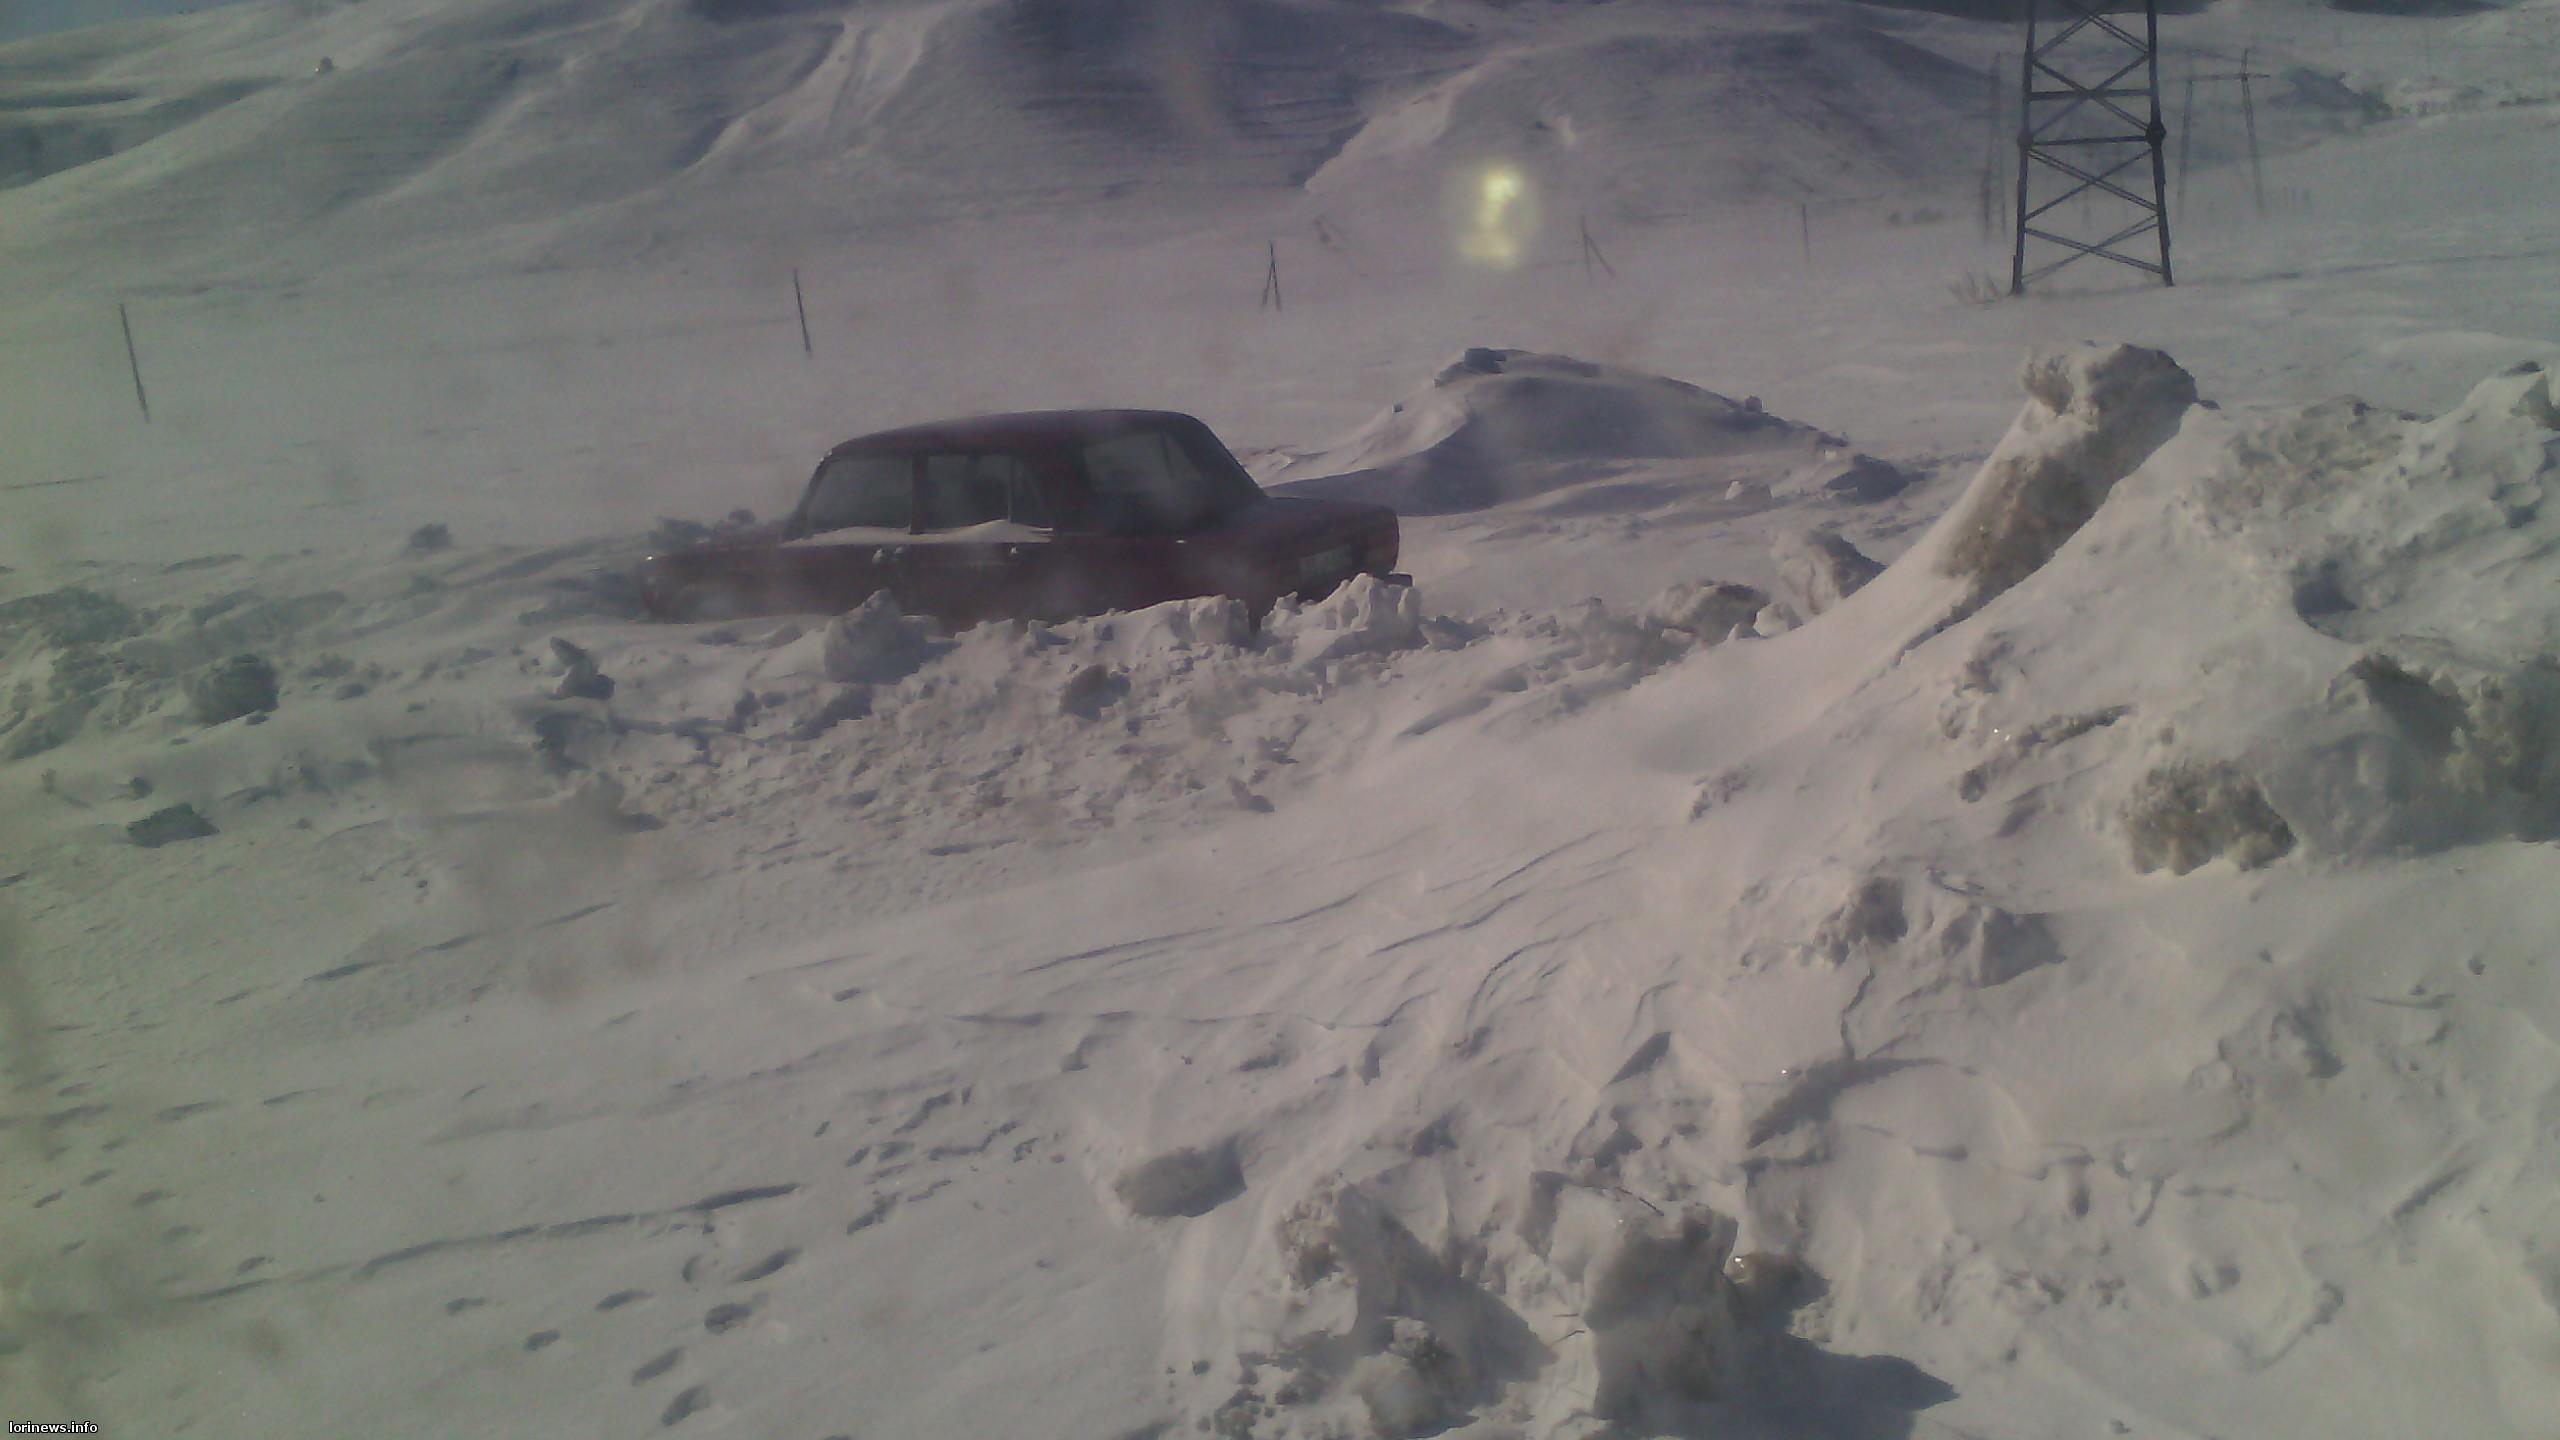 Ձնաբուք Լոռու մարզում.տասնյակ մեքենաներ մնացել են ձյան տակ. օգնության են հասել փրկարարները(Ֆոտո, Վիդեո)